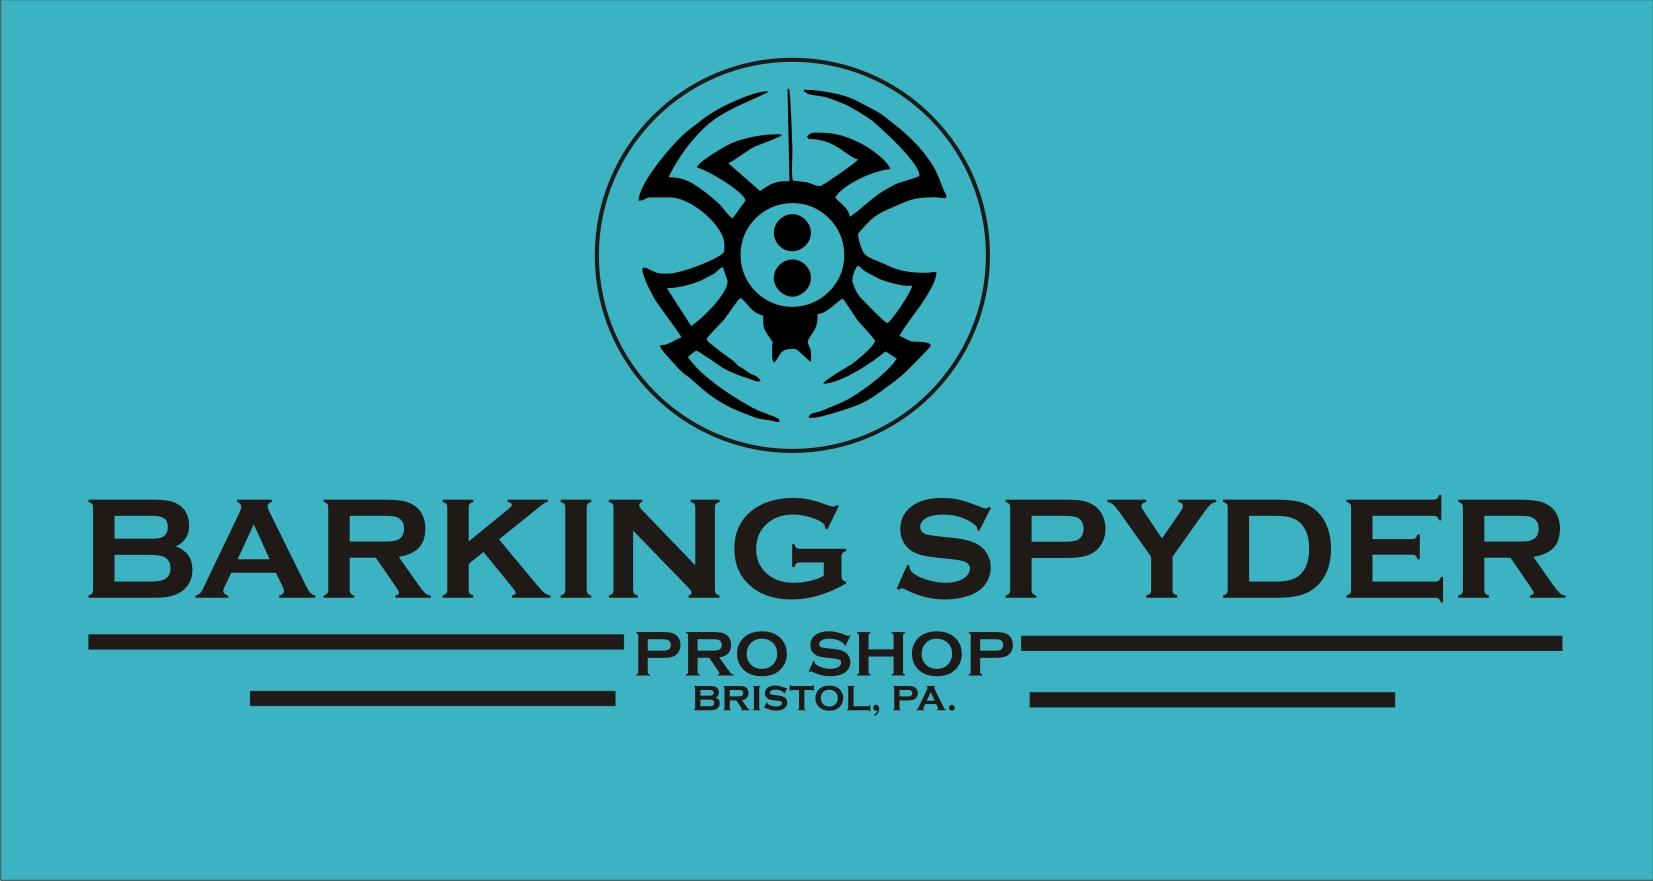 Barking Spyder Pro Shop